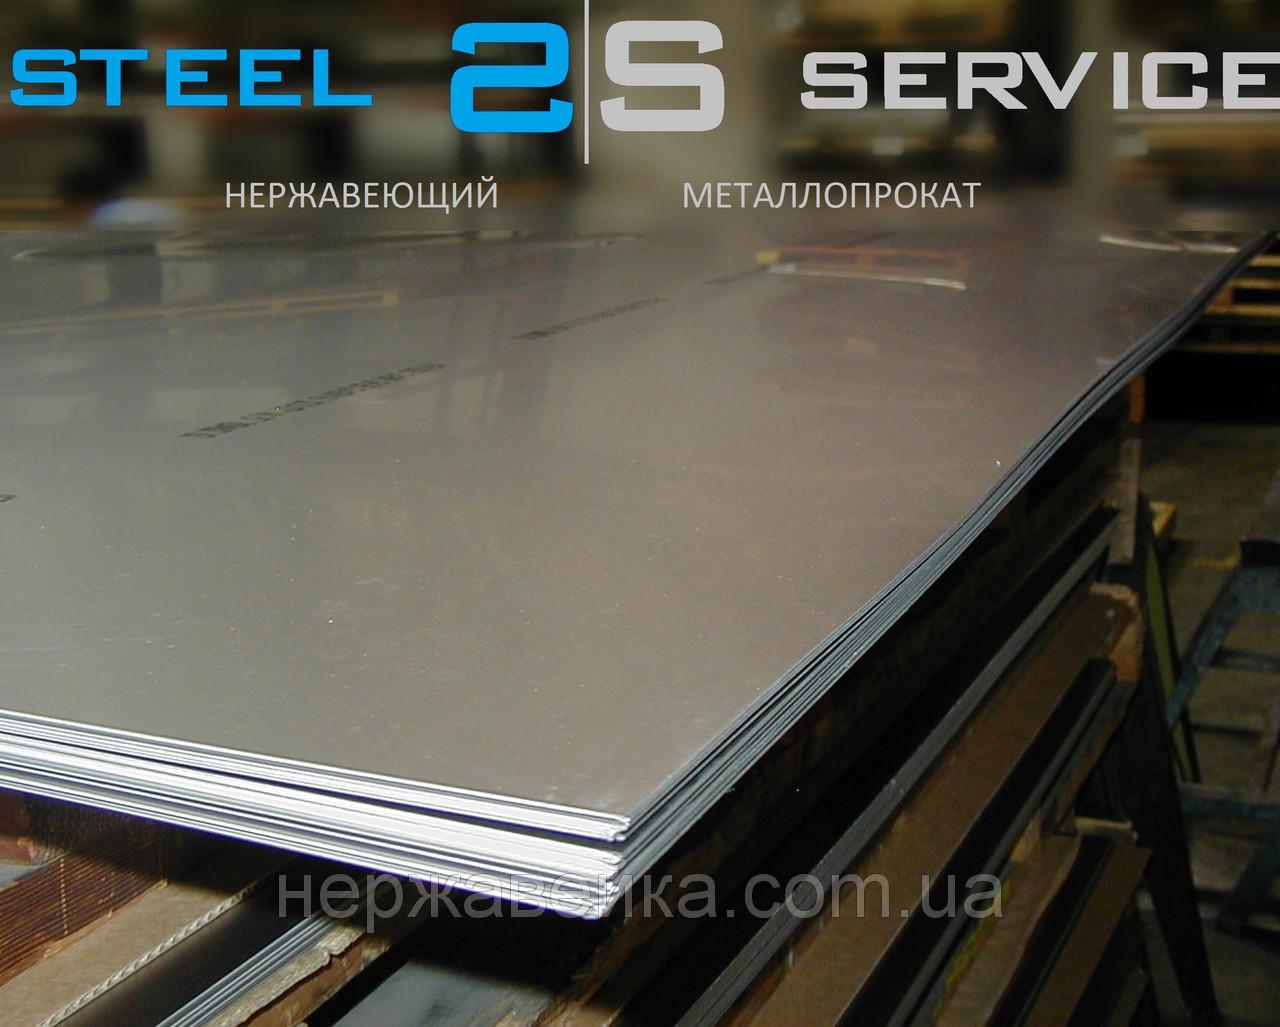 Нержавейка лист 0,5х1250х2500мм  AISI 304(08Х18Н10) BA - зеркало,  пищевой